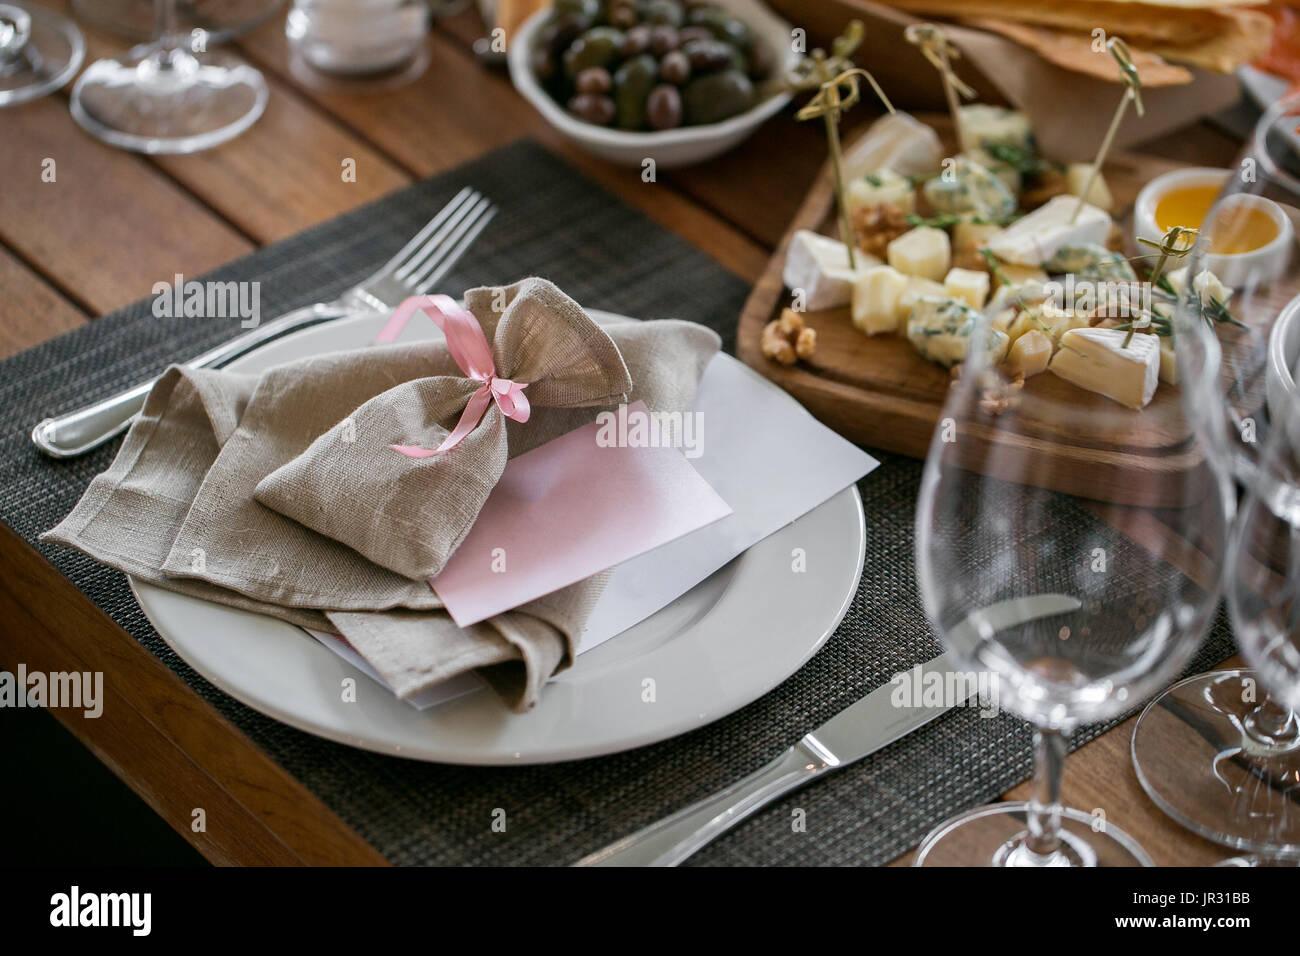 Lino textil. Decoradas mesa, un plato de acomodado servilleta, tenedor y cuchillo. Imagen De Stock